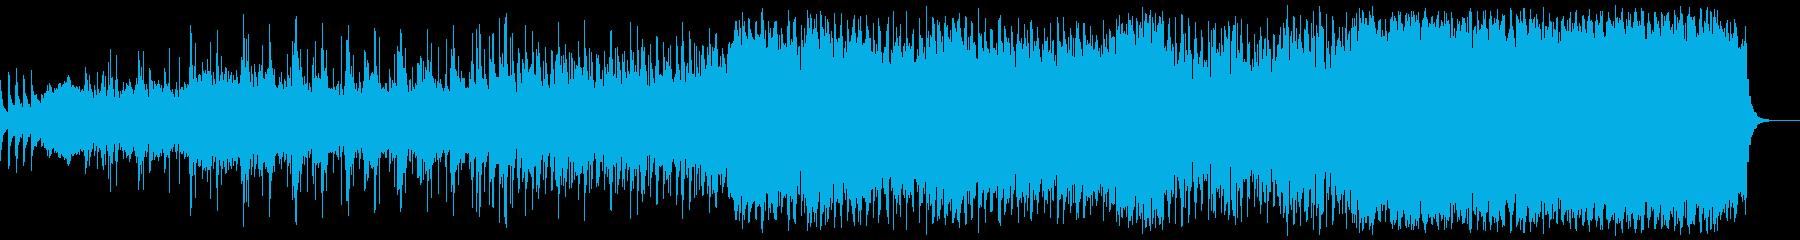 軽快でスケールの大きいミドルテンポの再生済みの波形